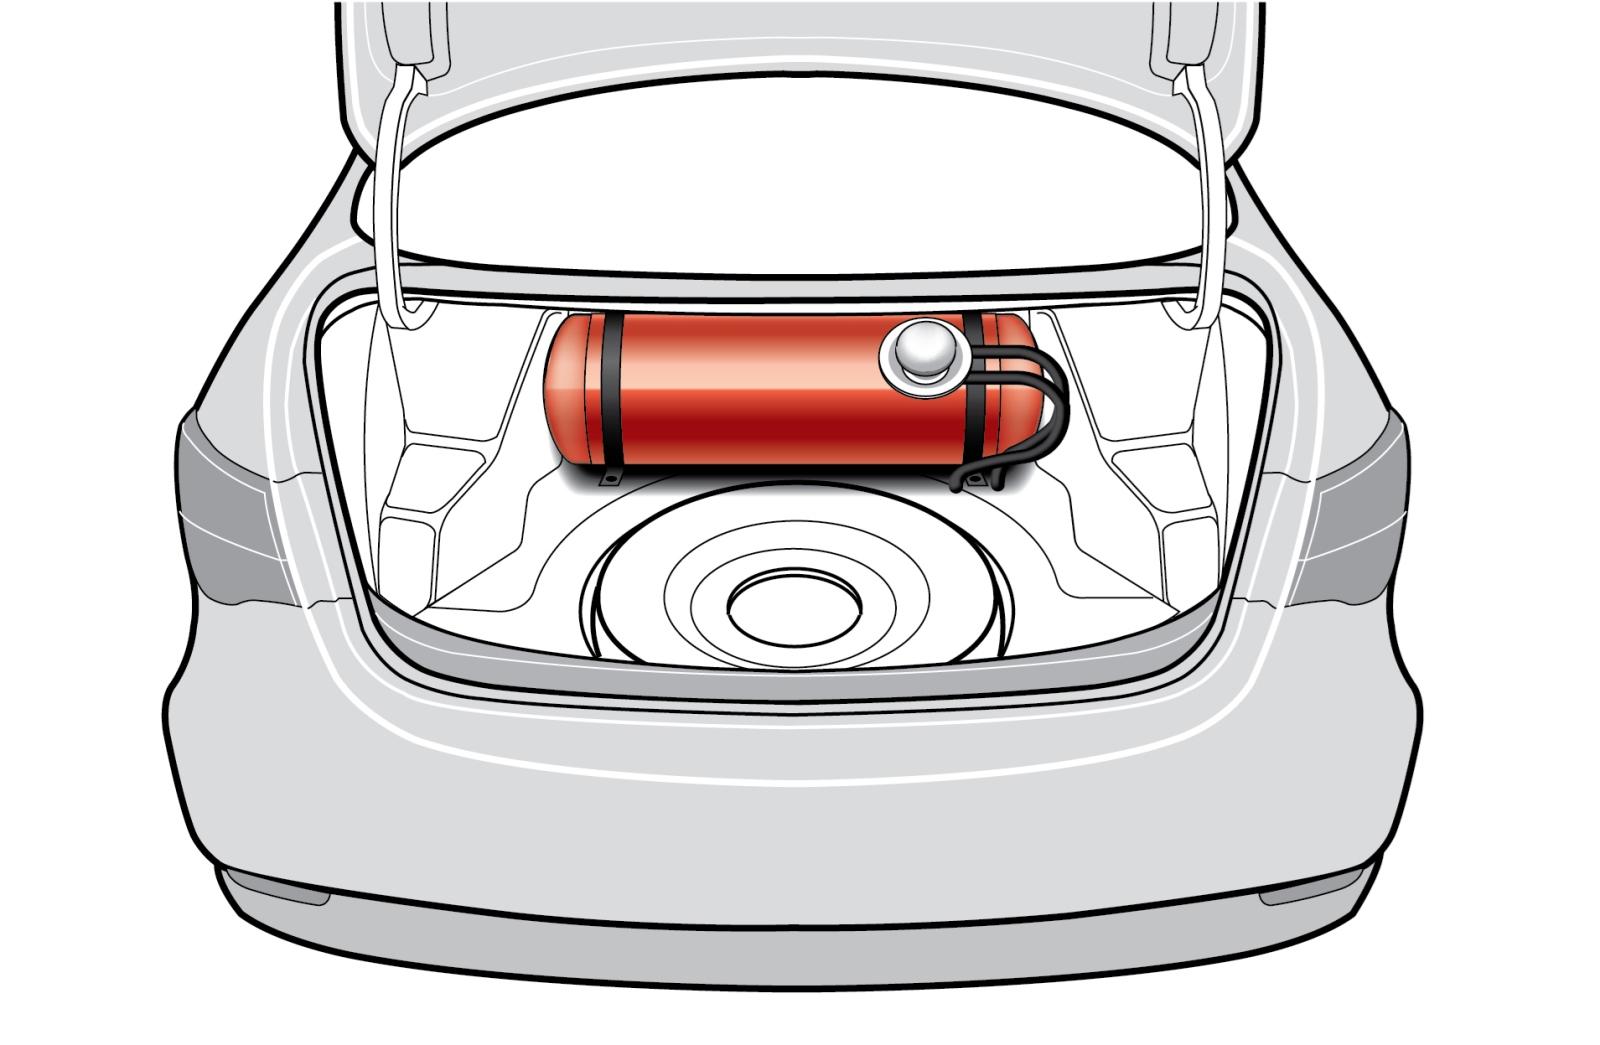 Установка ГБО на автомобиль - все за и против